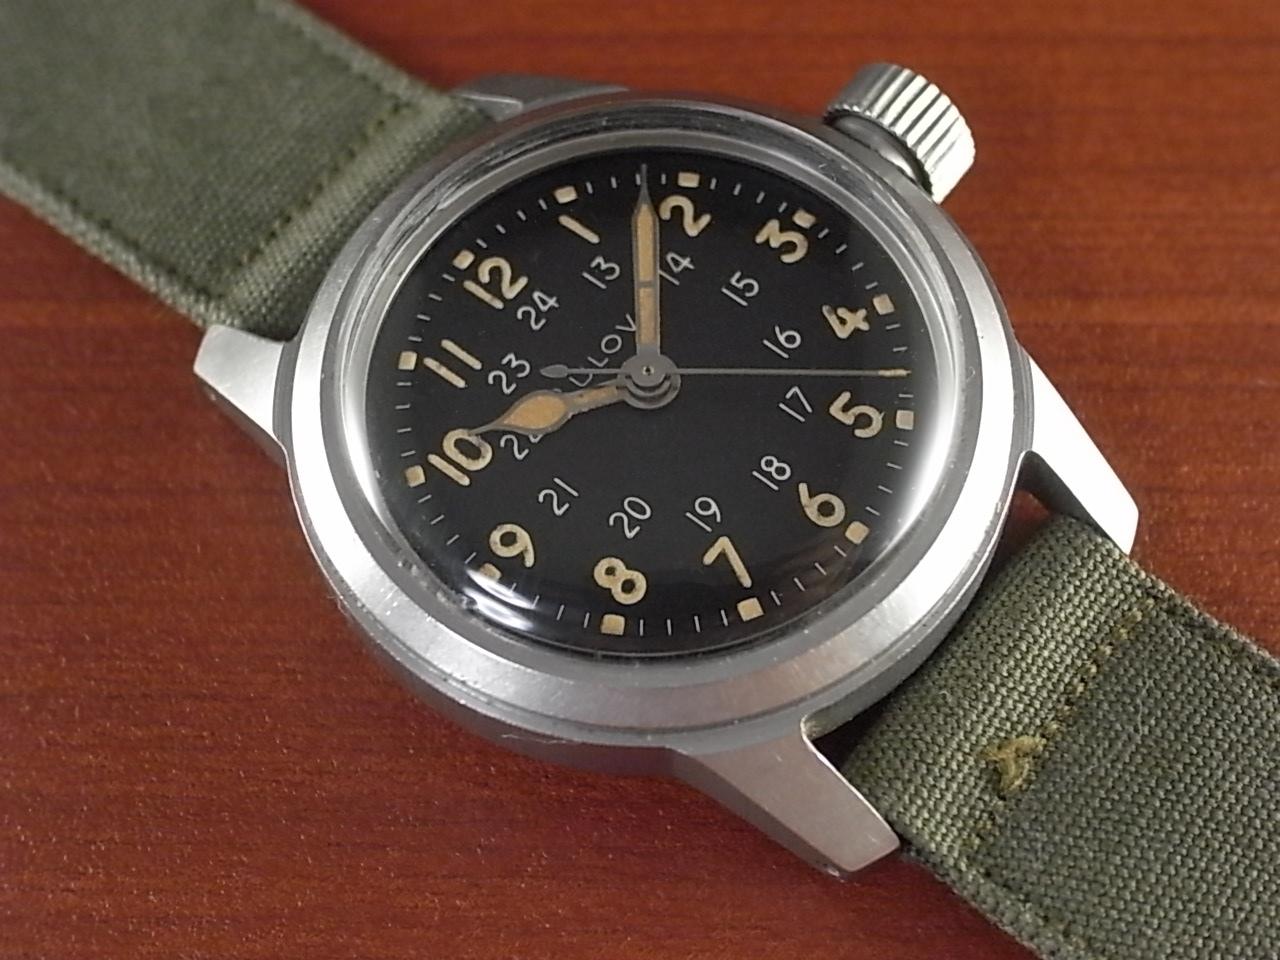 ブローバ ミリタリー 米軍 MIL-W-3818A 1960年代のメイン写真